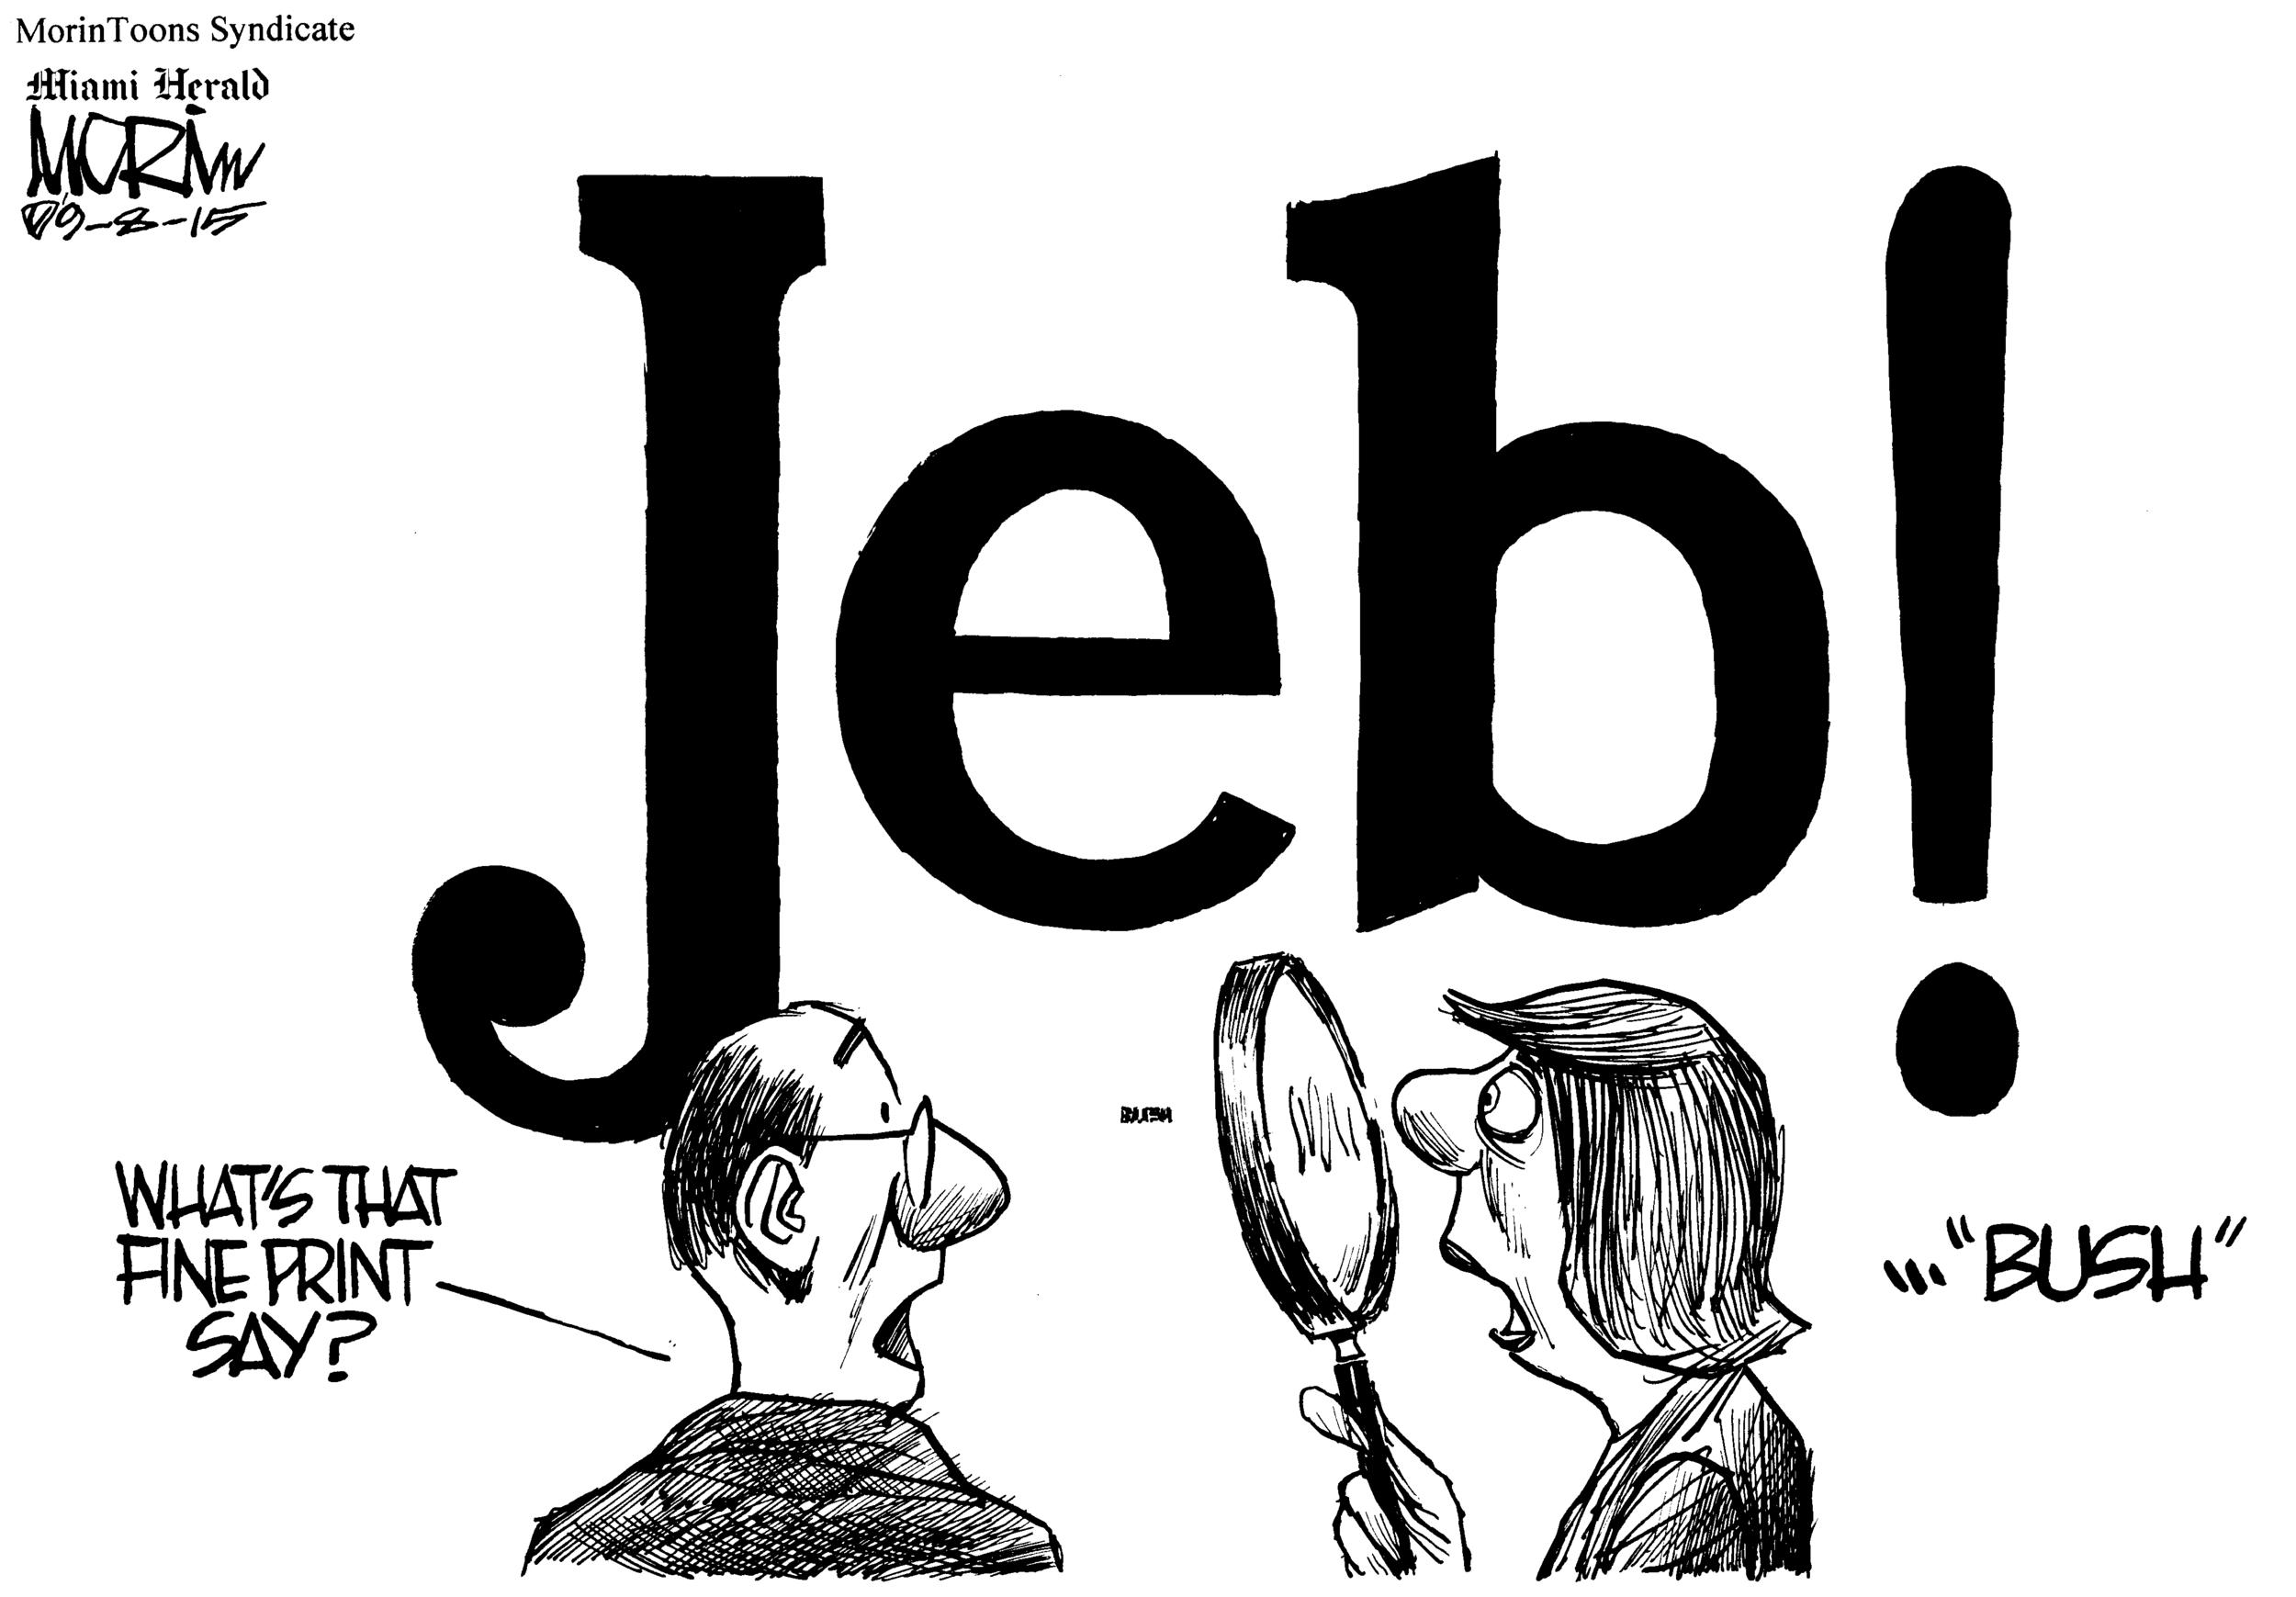 jm090815_Jeb_Bush_Campaign_2016.png